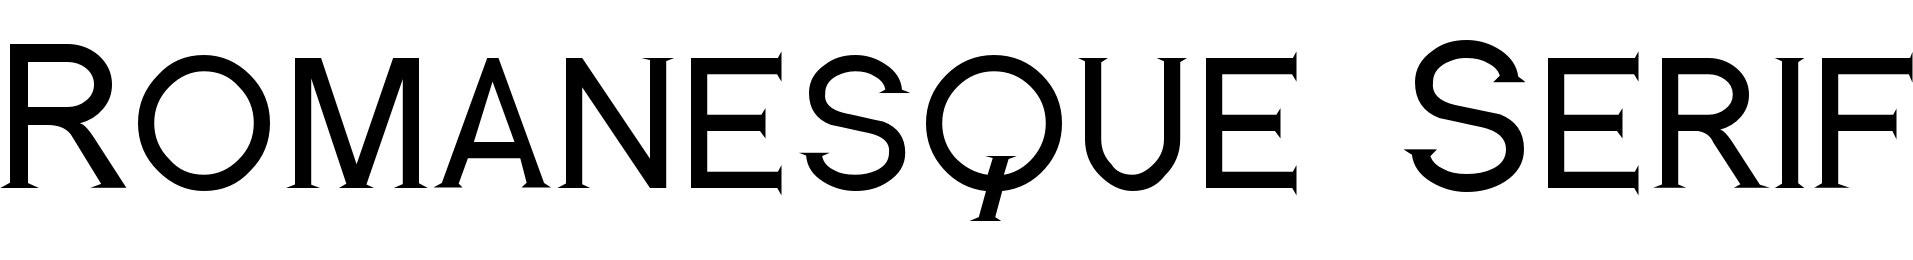 Romanesque Serif